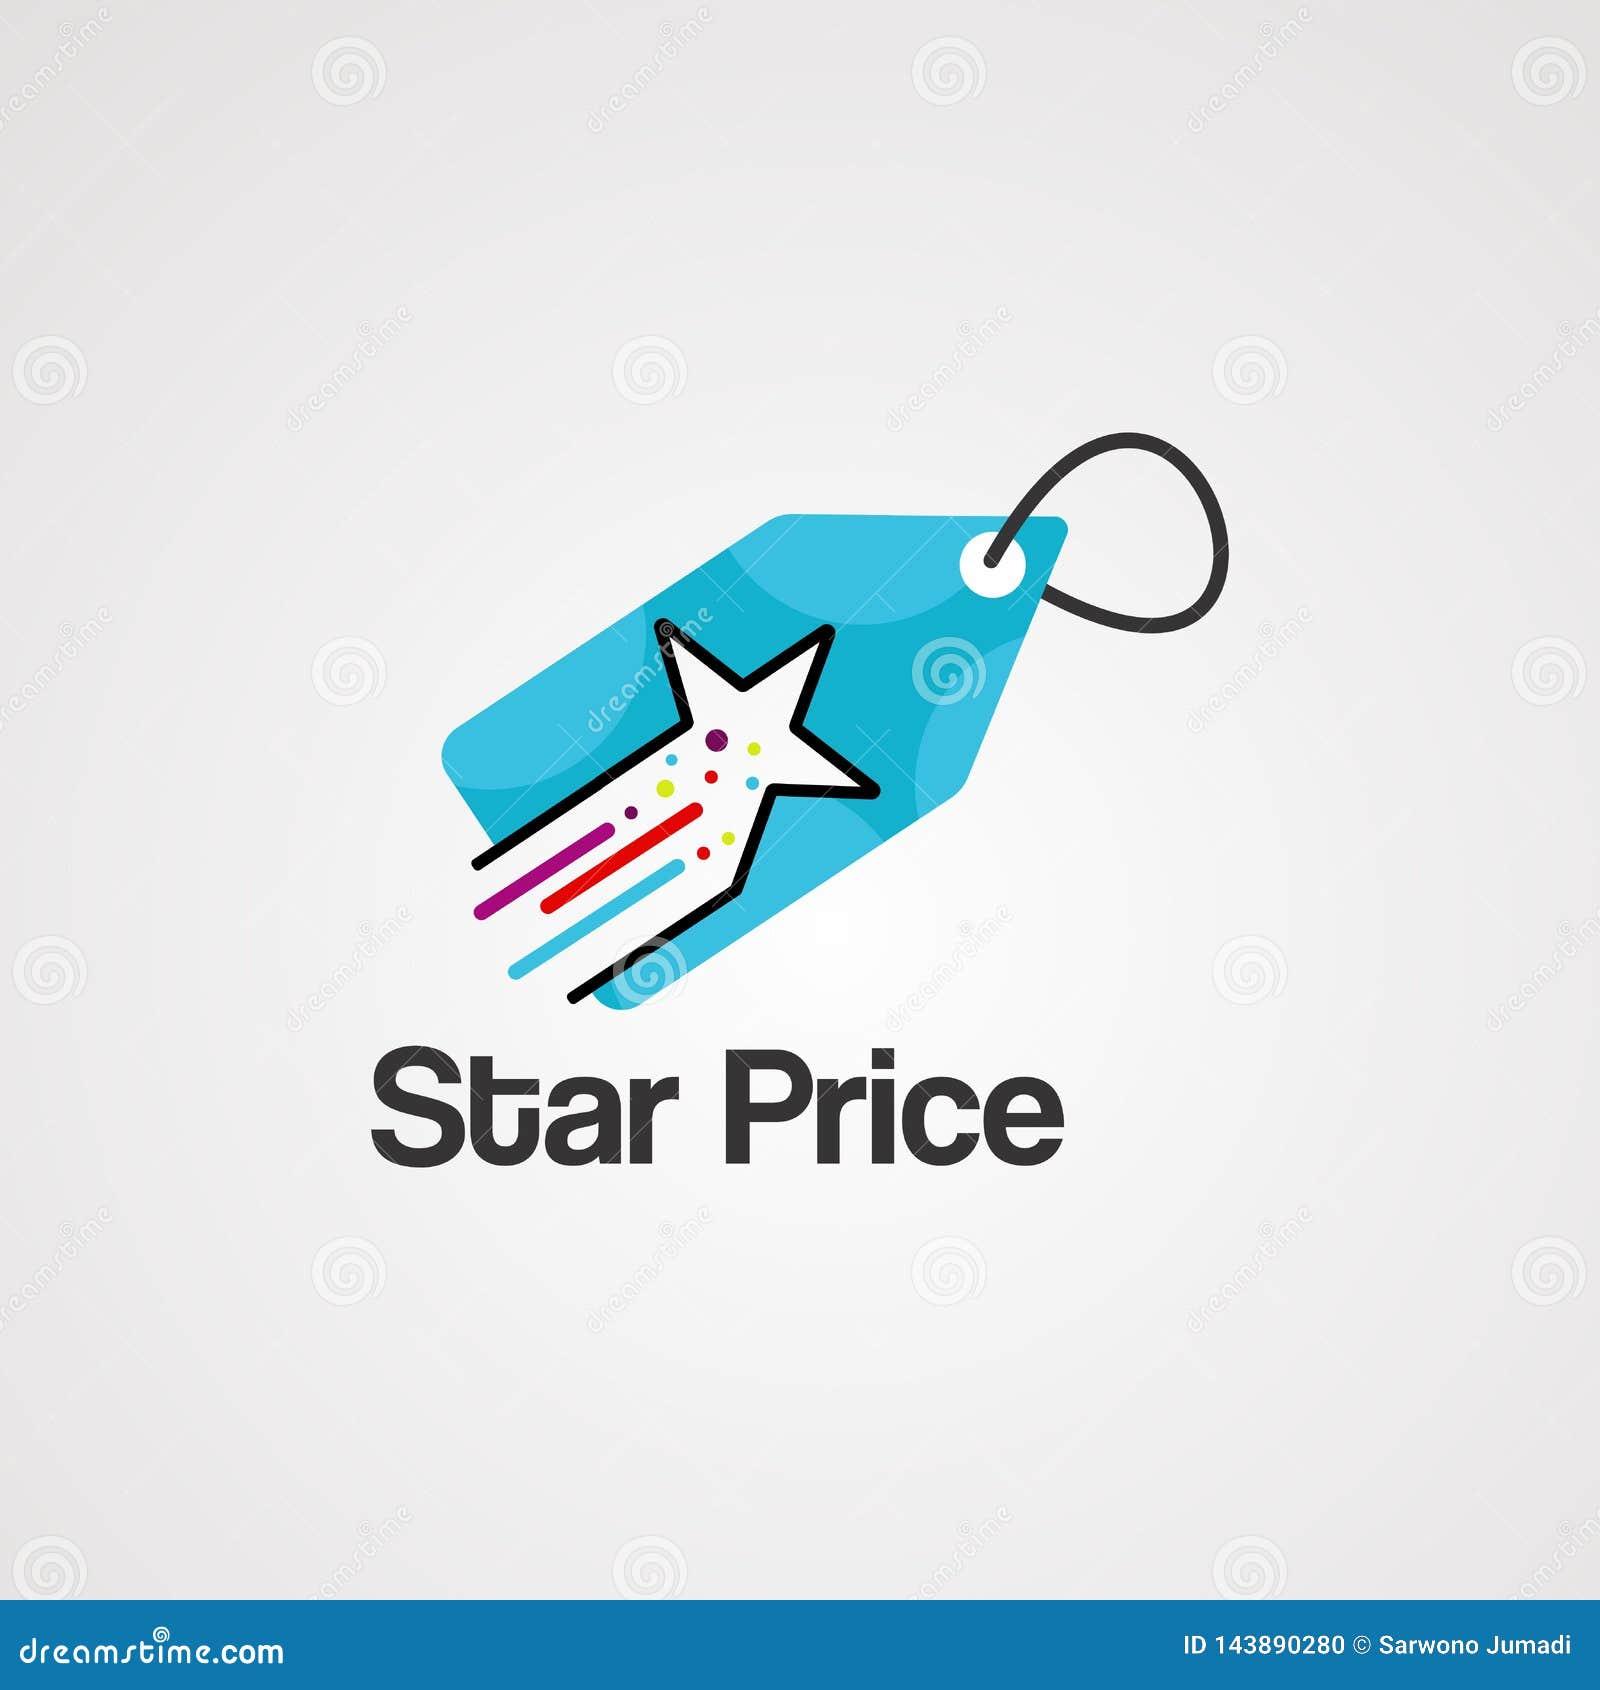 Vector, icono, elemento, y plantilla del logotipo del precio de la estrella